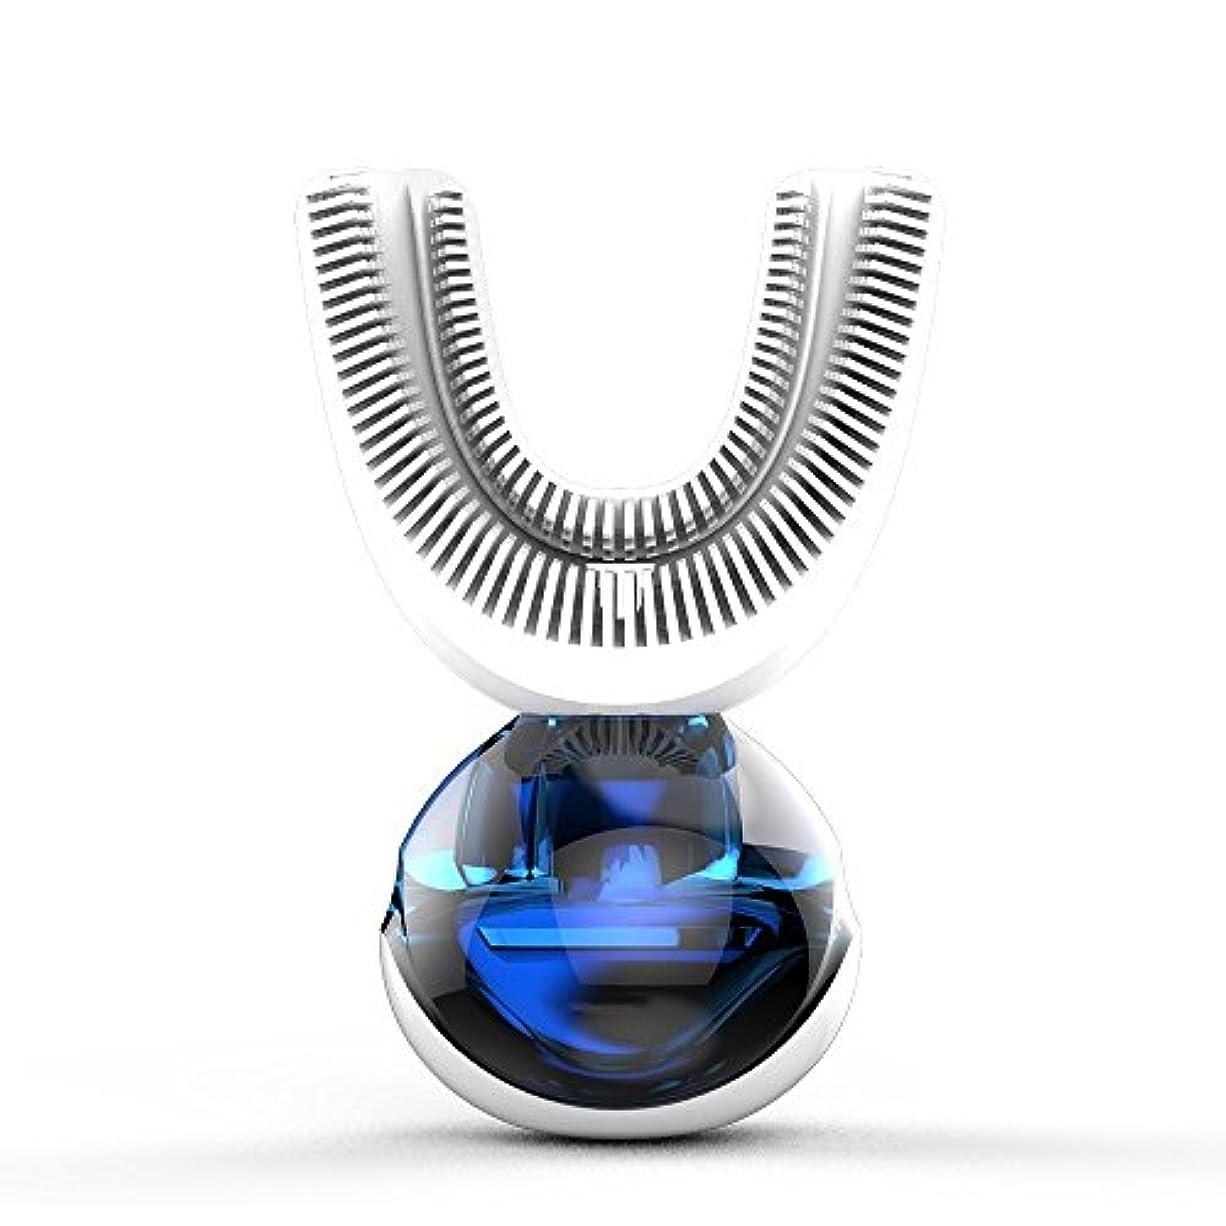 オーバーフローストローク風邪をひくフルオートマチック可変周波数電動歯ブラシ、自動360度U字型電動歯ブラシ、ワイヤレス充電IPX7防水自動歯ブラシ(大人用)